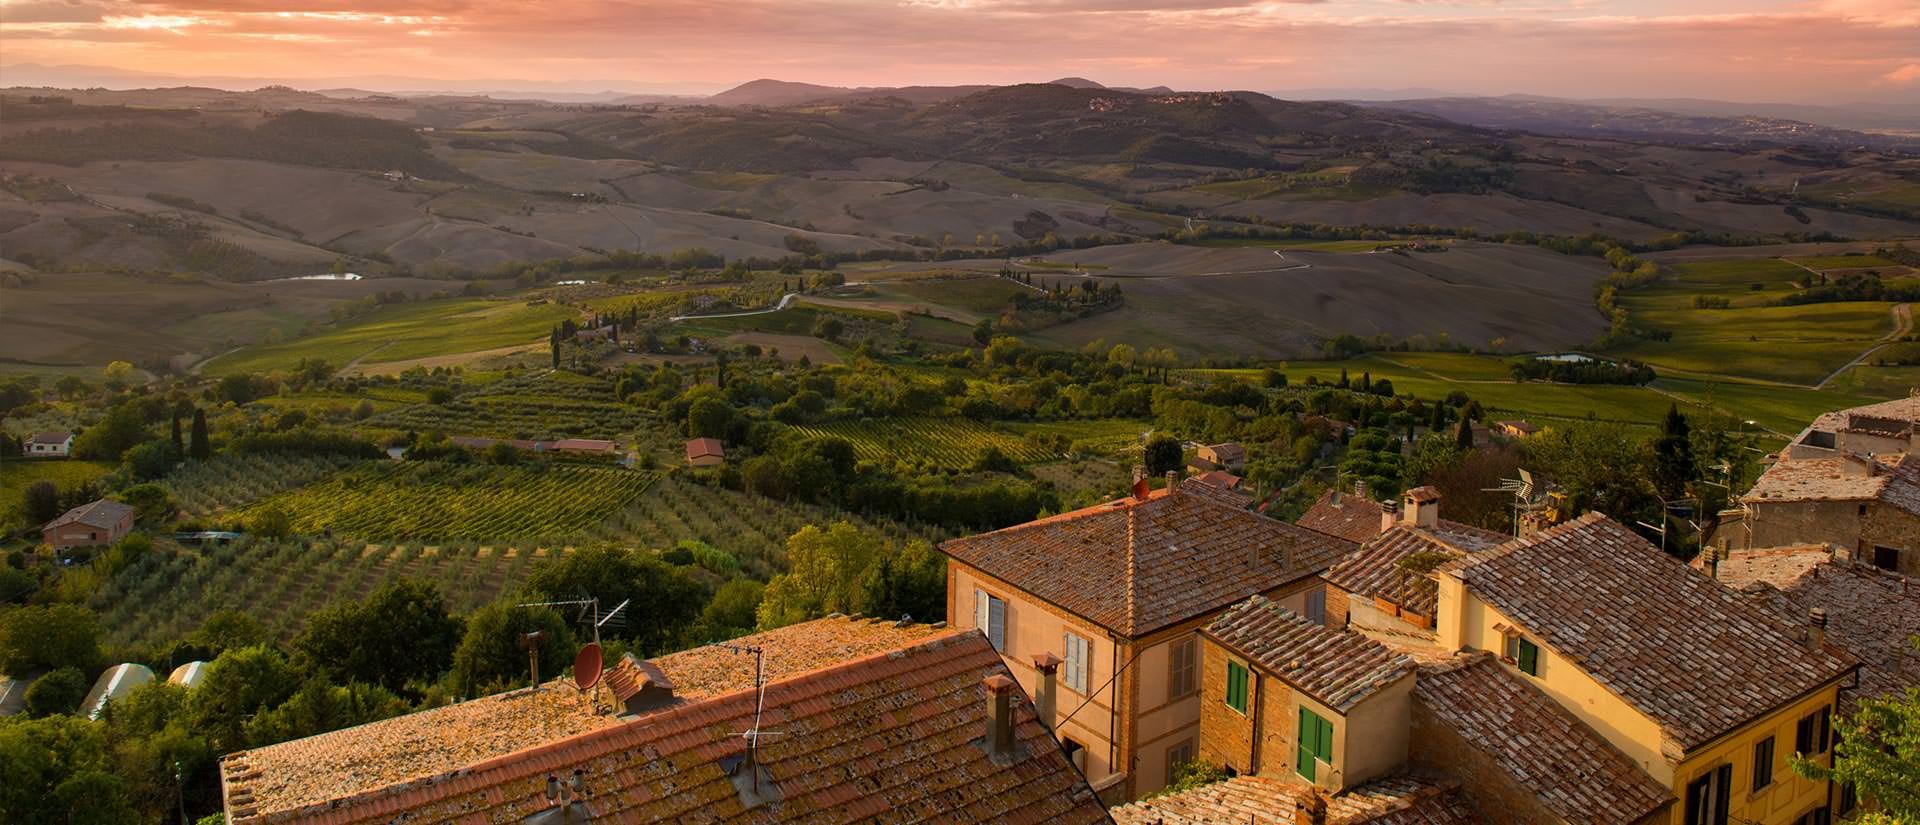 טיול לאיטליה - 5 ימים - אל פירנצה וטוסקנה ברכב יוקרה